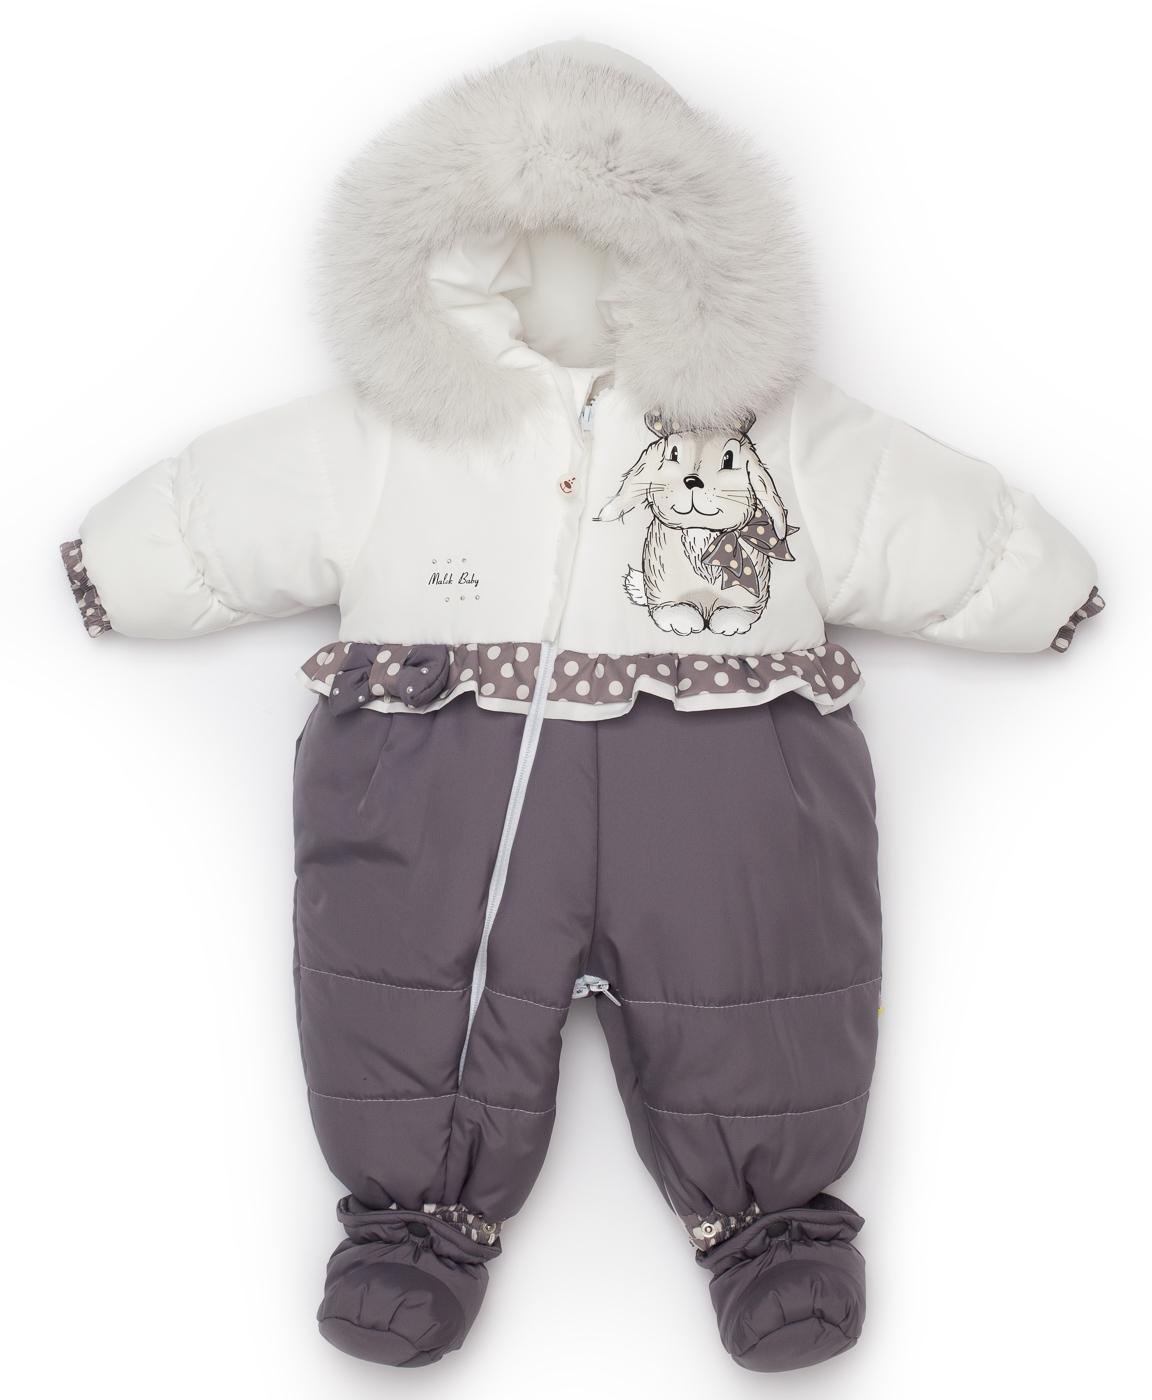 Сбор заказов. M_а_l_e_k B_a_b_y - бренд для самых маленьких - 24. Очаровательная, нежная и тёплая верхняя одежда на 100% шерсти мериноса. Такие новинки - Обалдеть!!! Пока есть в наличии - спешим!